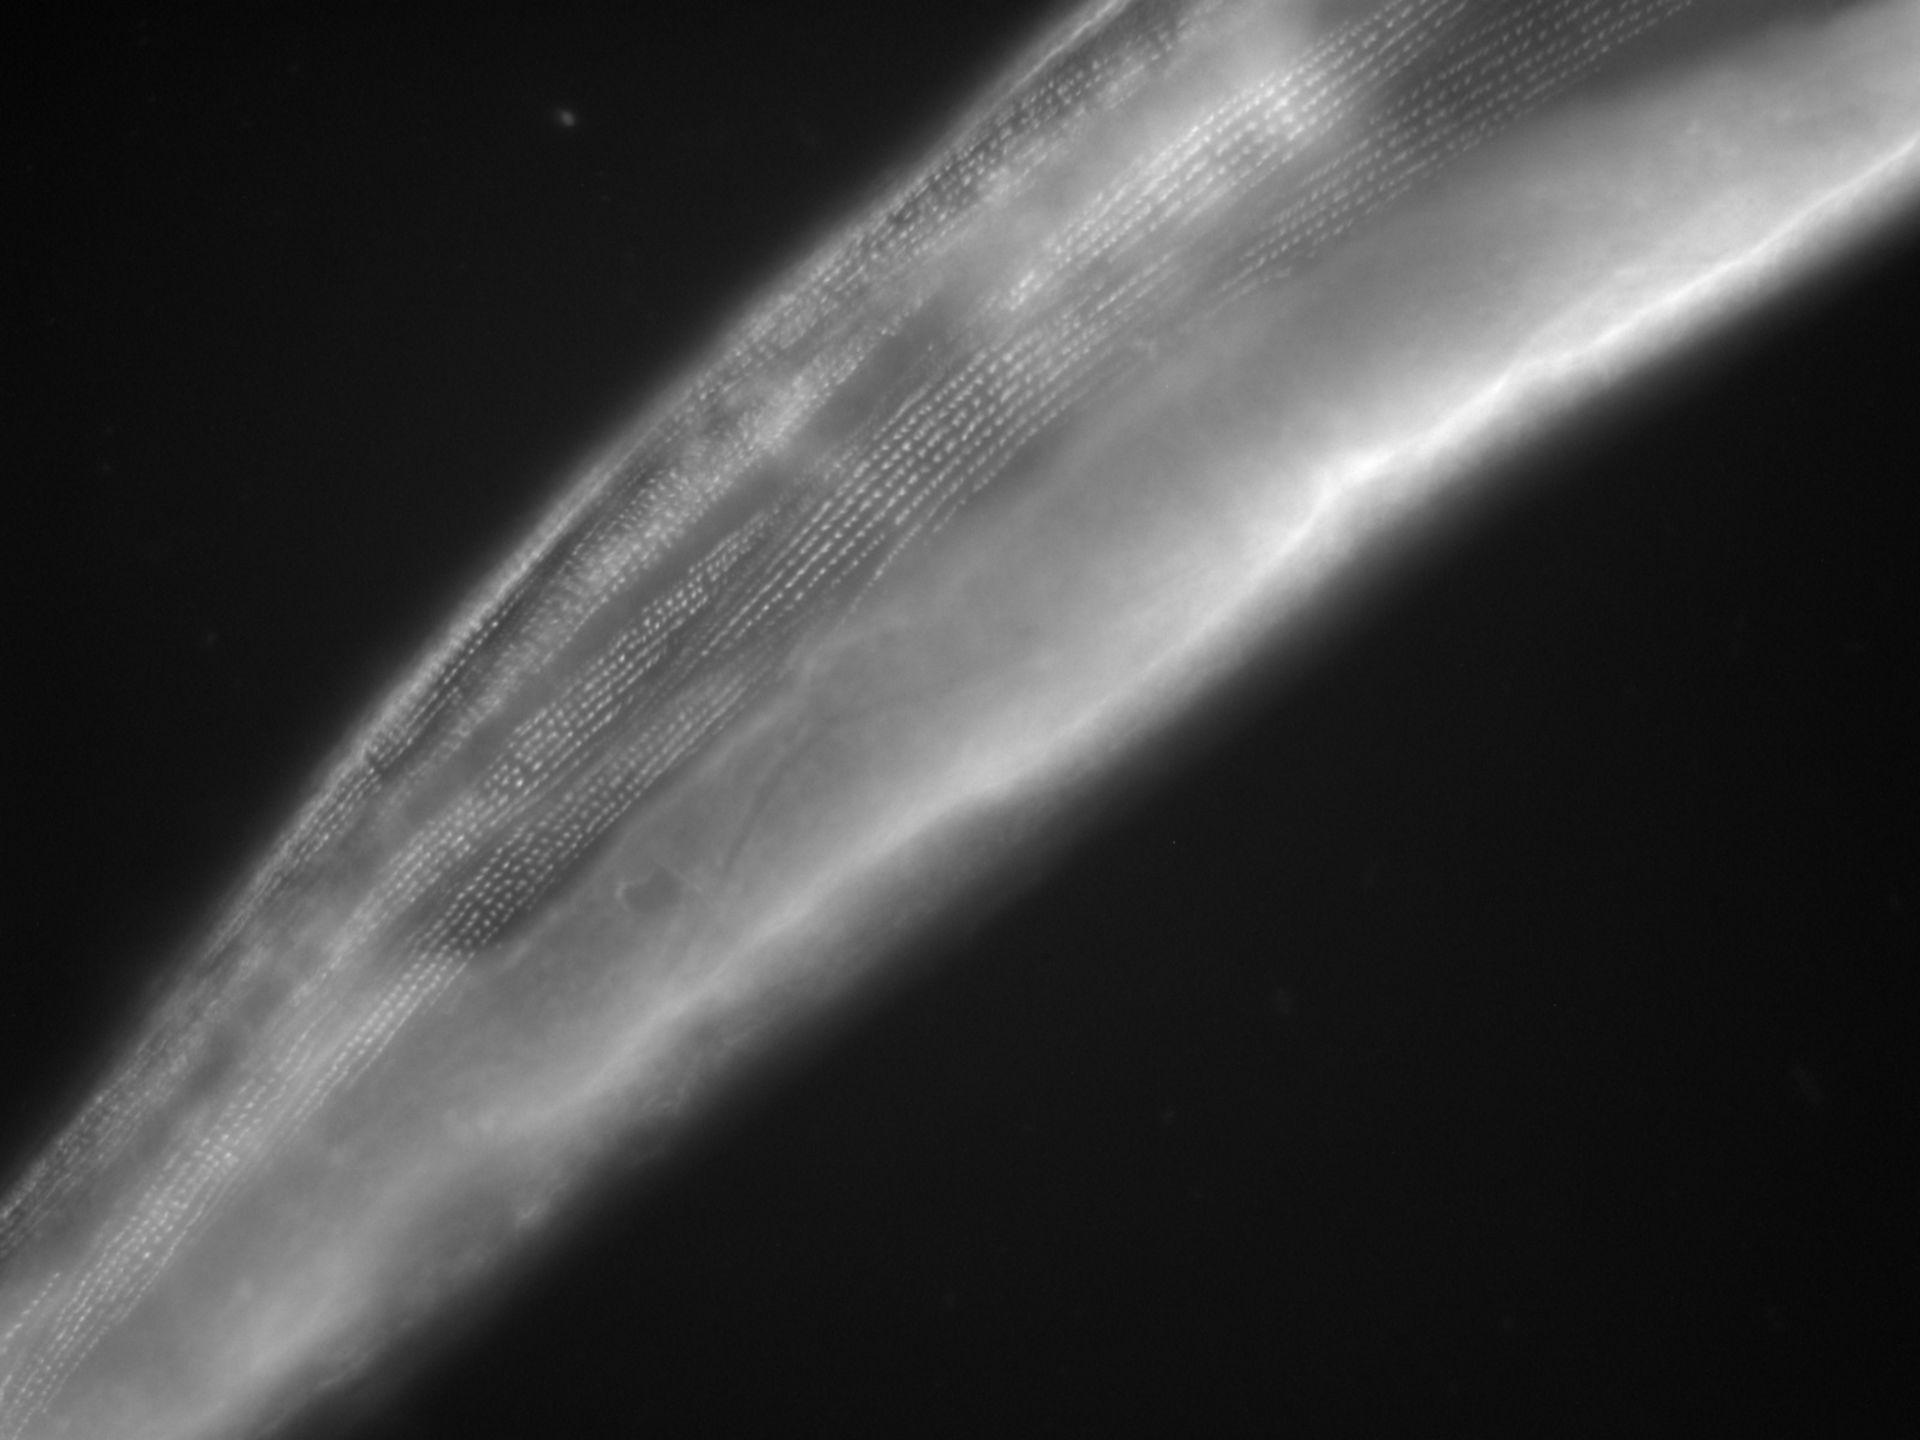 Caenorhabditis elegans (Actin filament) - CIL:1264